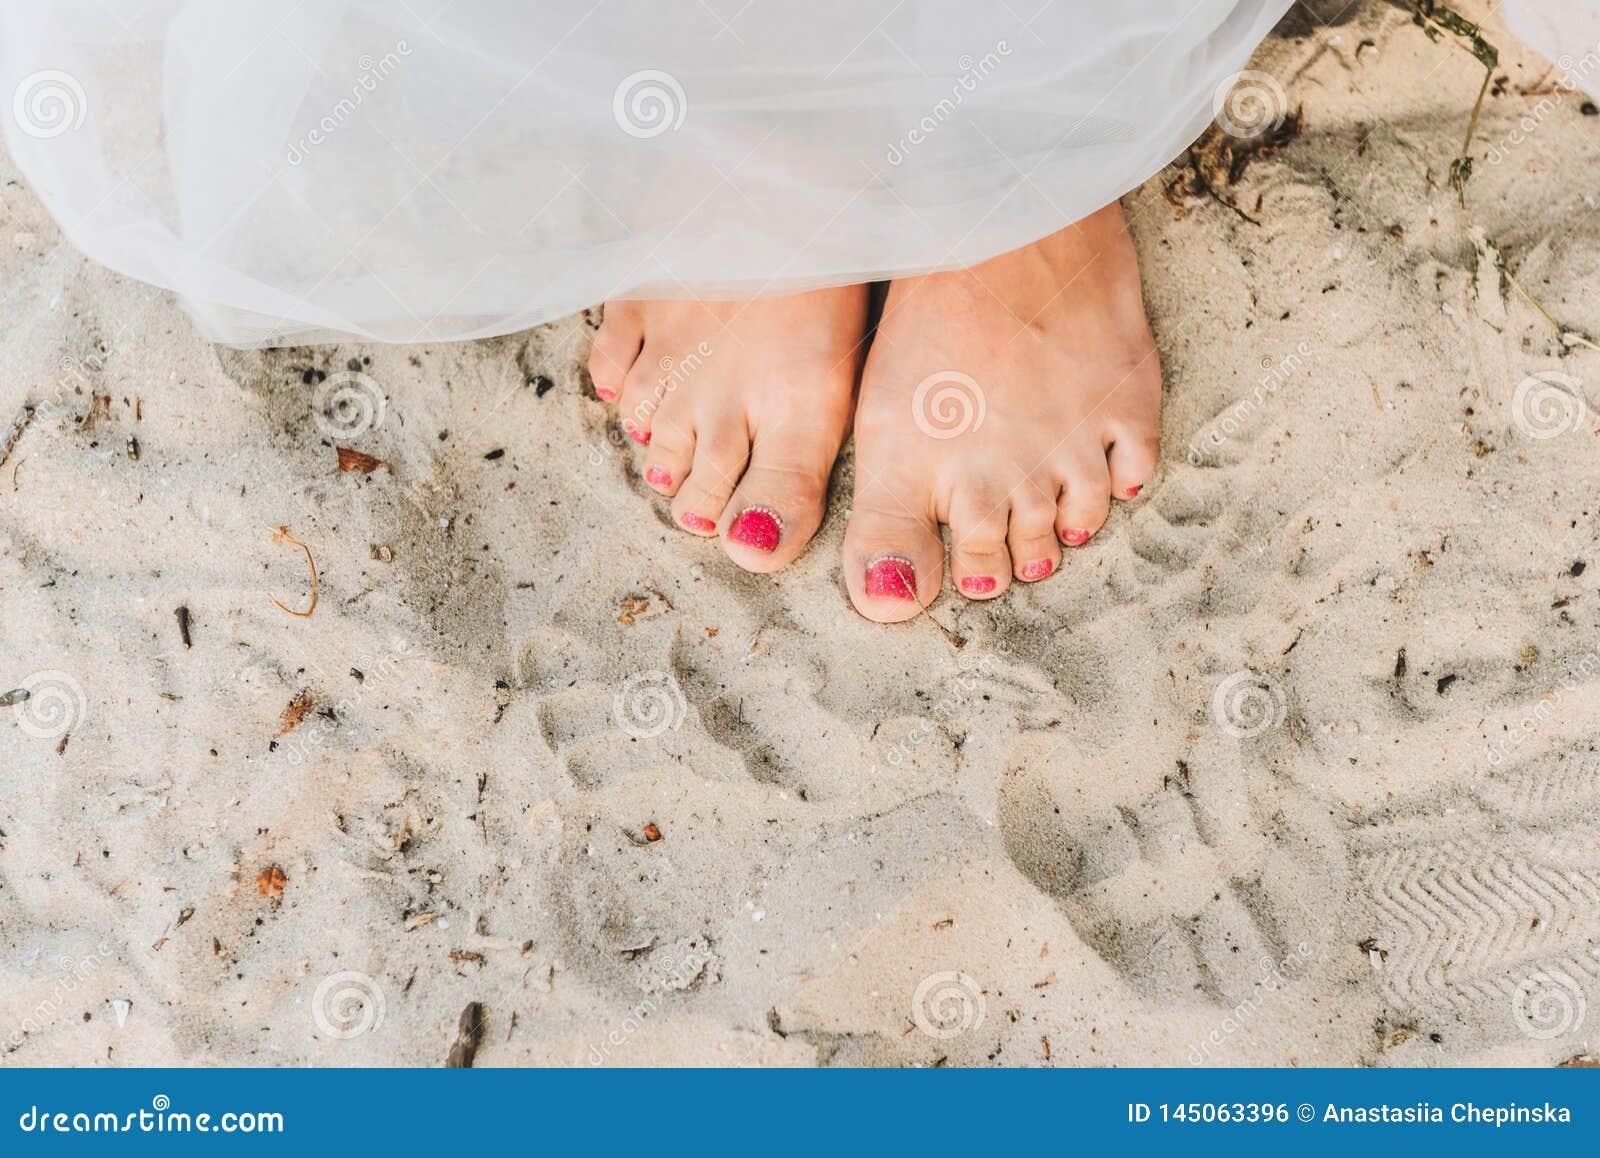 Position de femme aux pieds nus sur une plage